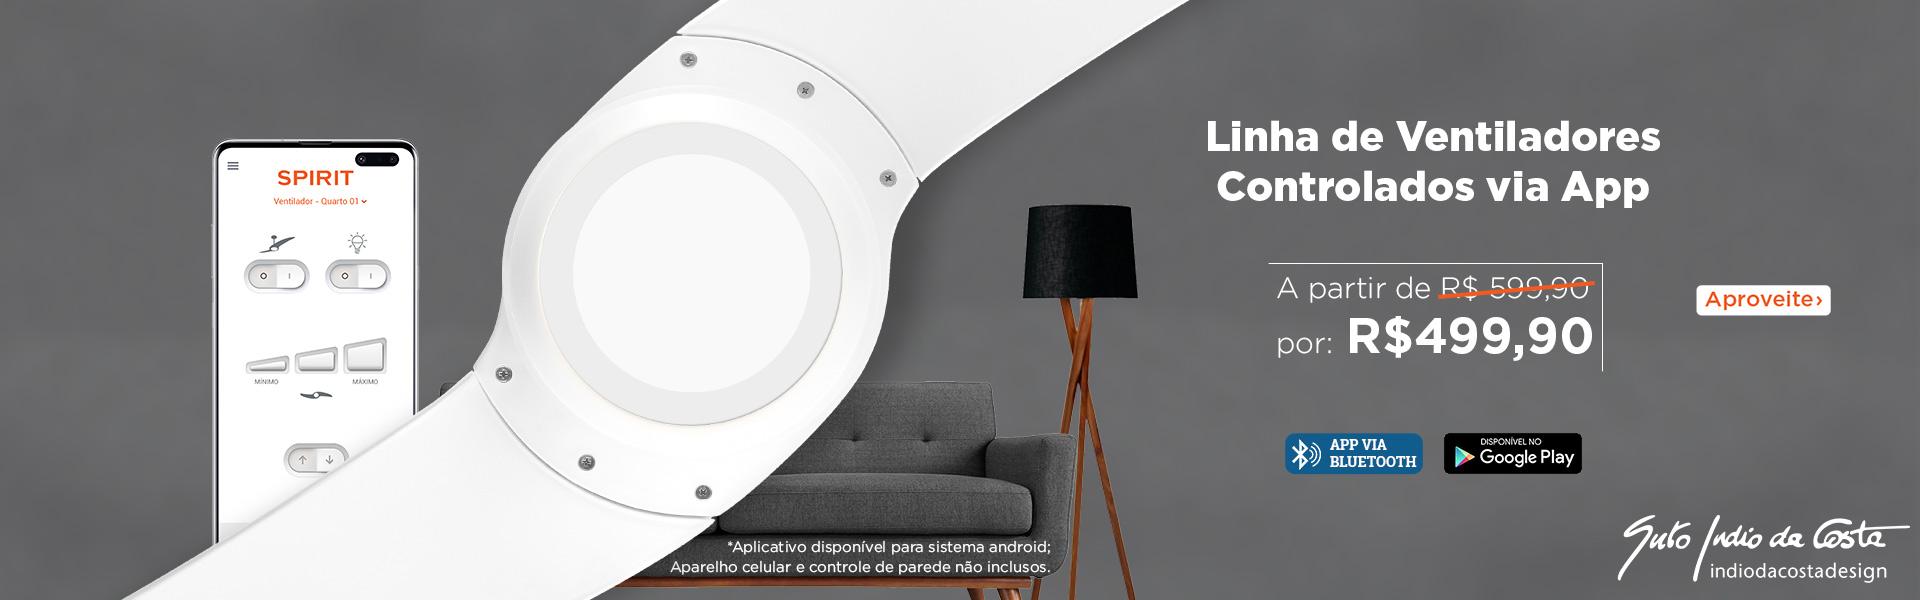 Promoção ventilador de teto controlado via Bluetooth